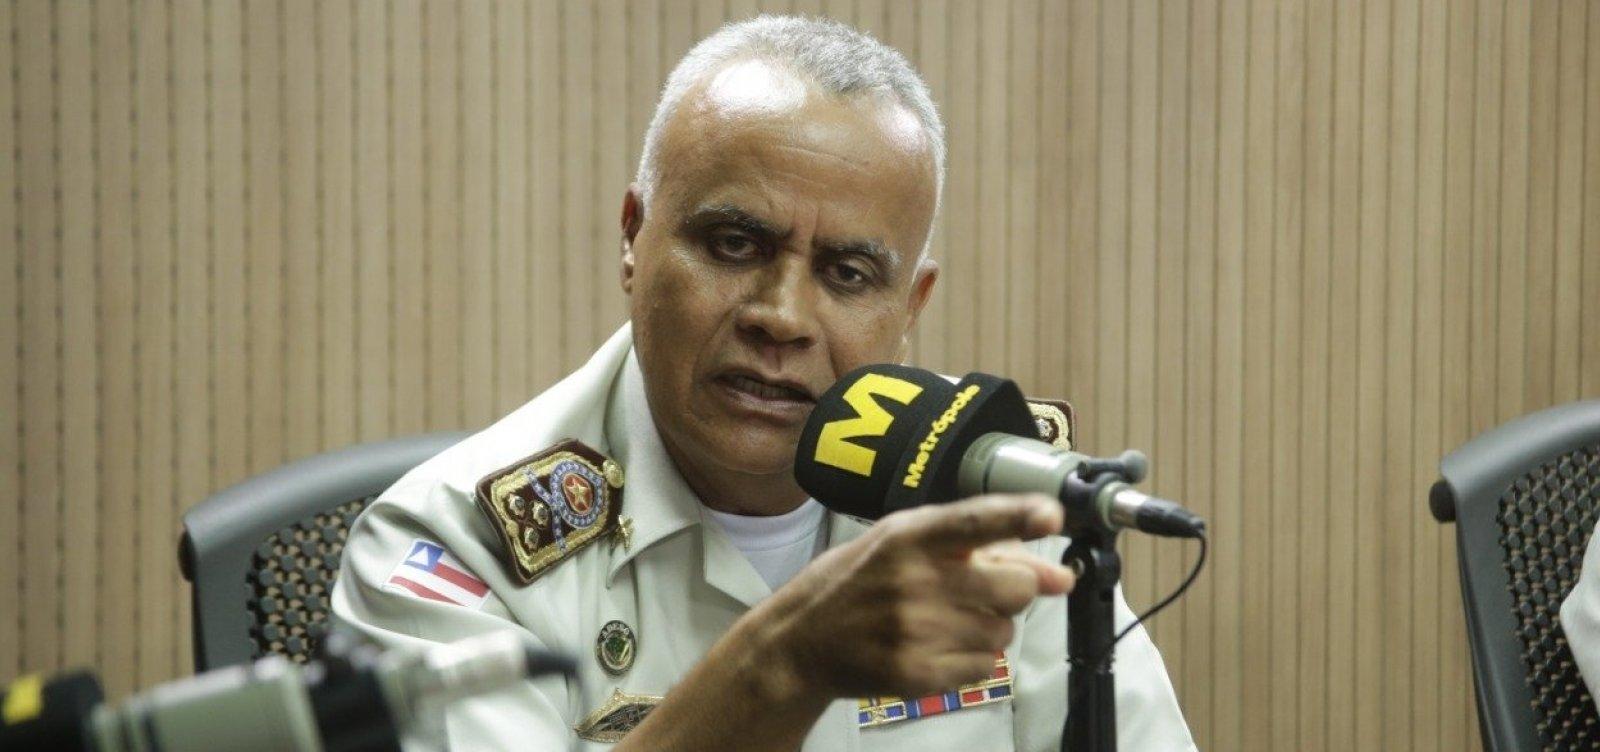 [Comandante-geral diz que não registrou falta de PMs e acusa Prisco de transmitir 'fake news']